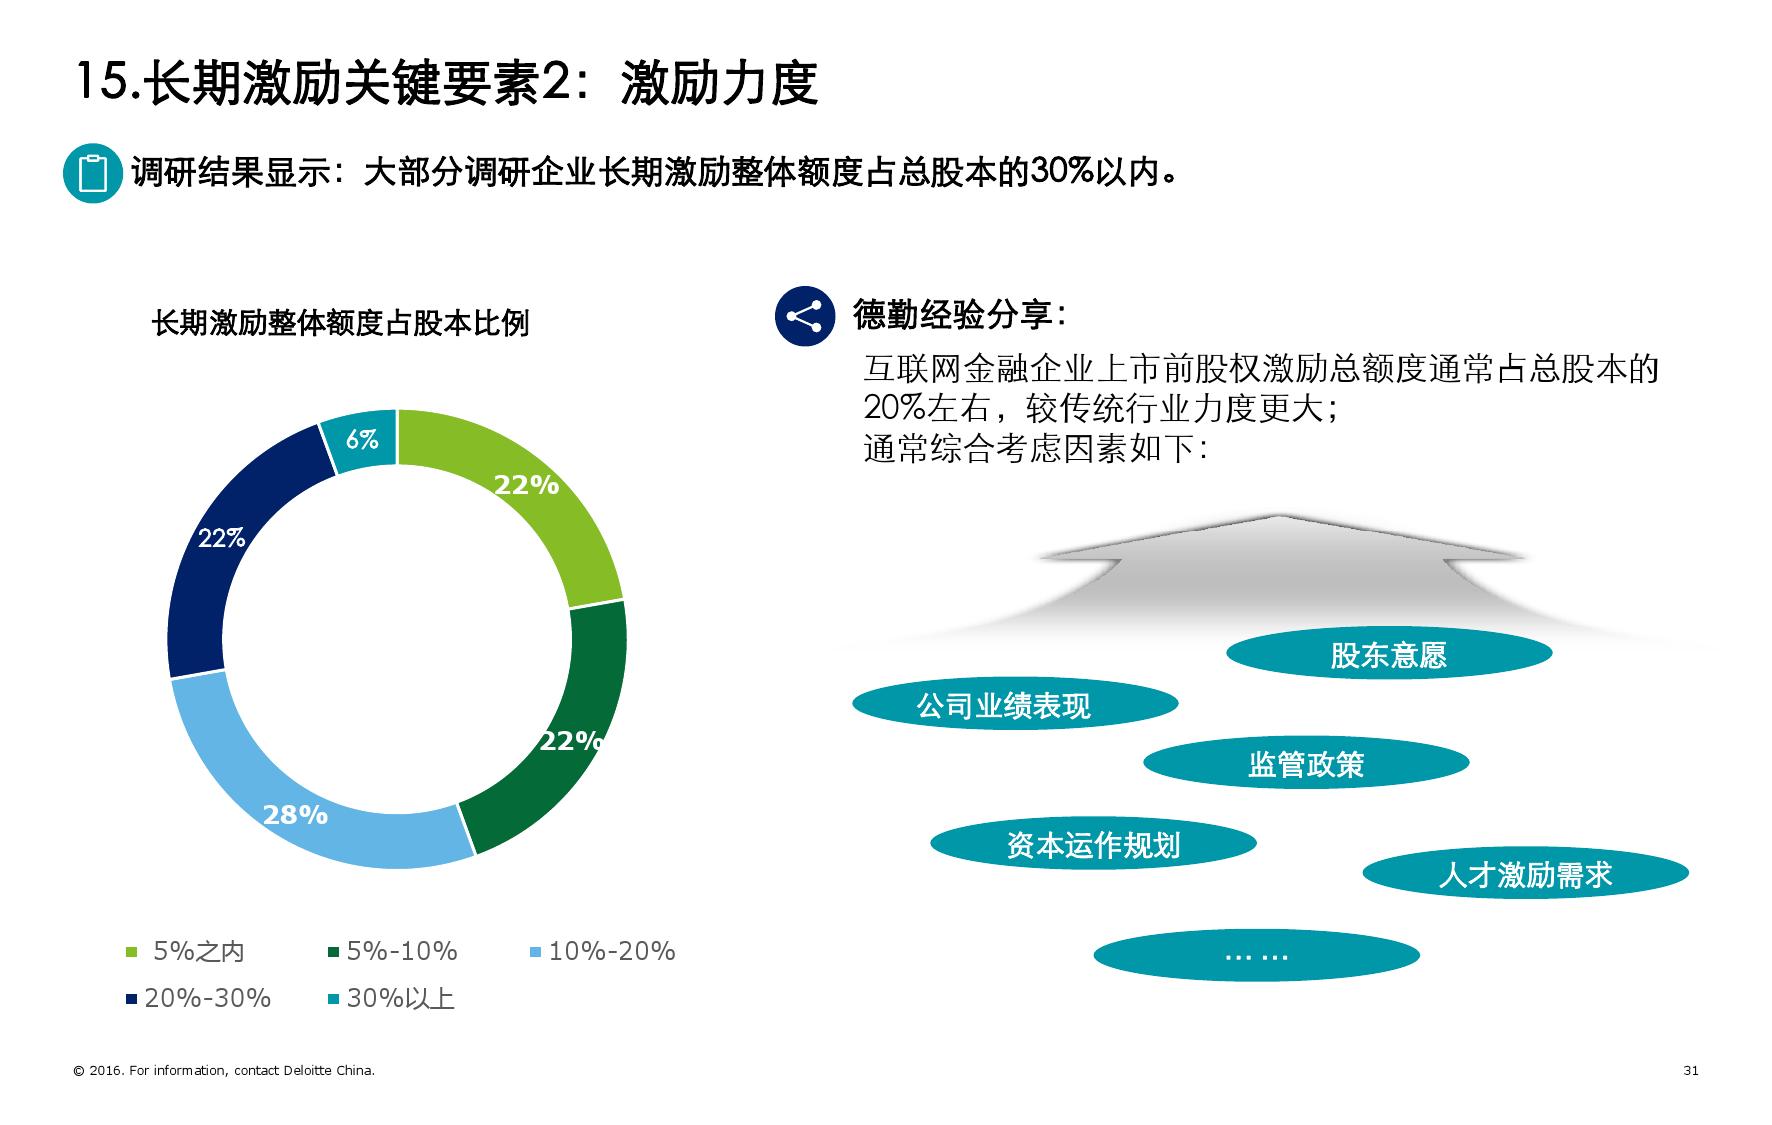 2016年互联网金融行业人力资源管理暨薪酬激励调研报告_000031